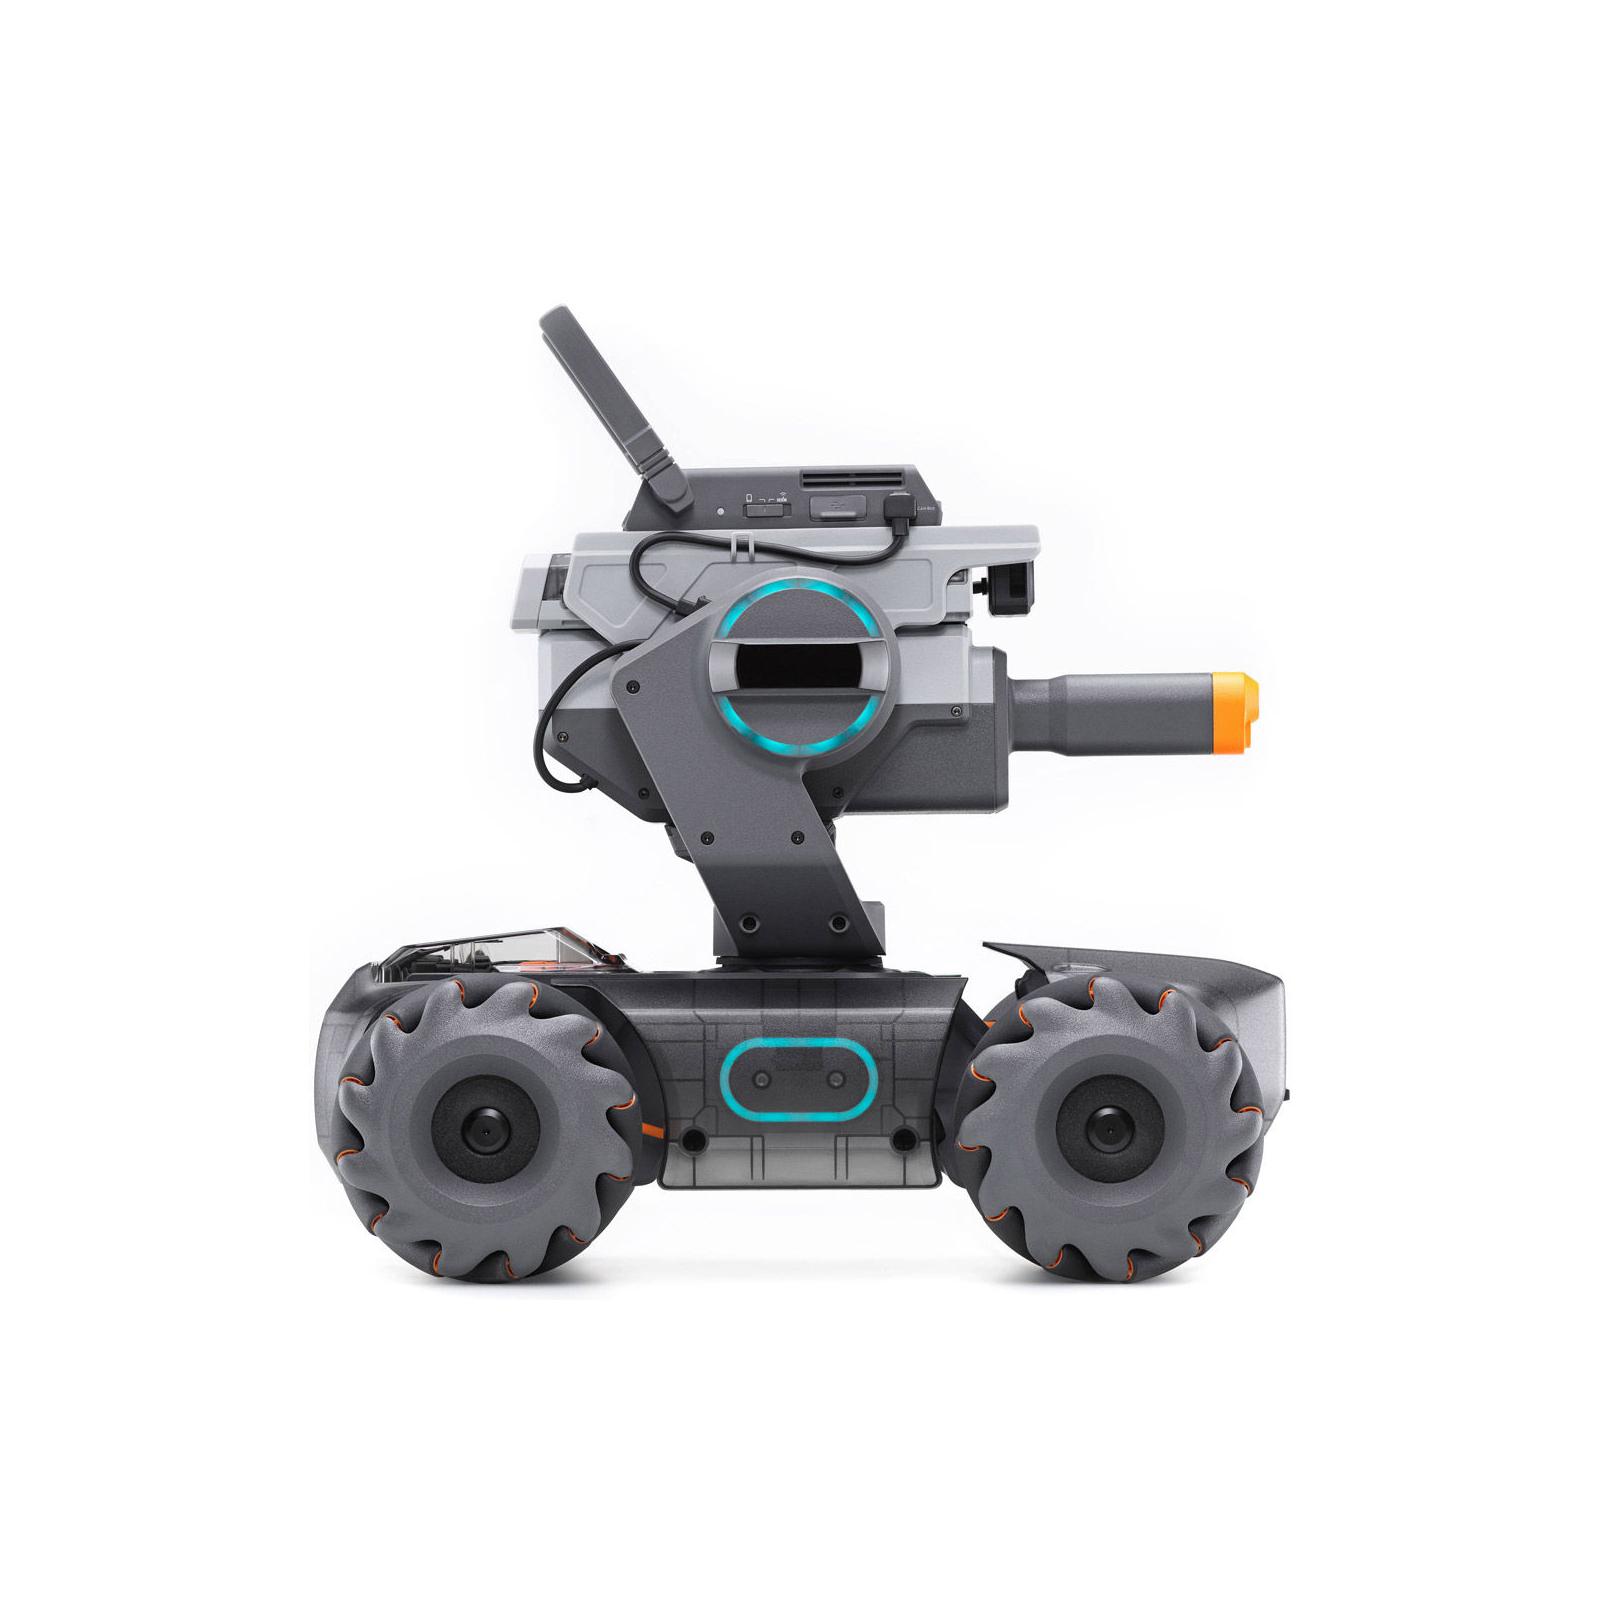 Робот DJI RoboMaster S1 (CP.RM.00000114.01) изображение 6